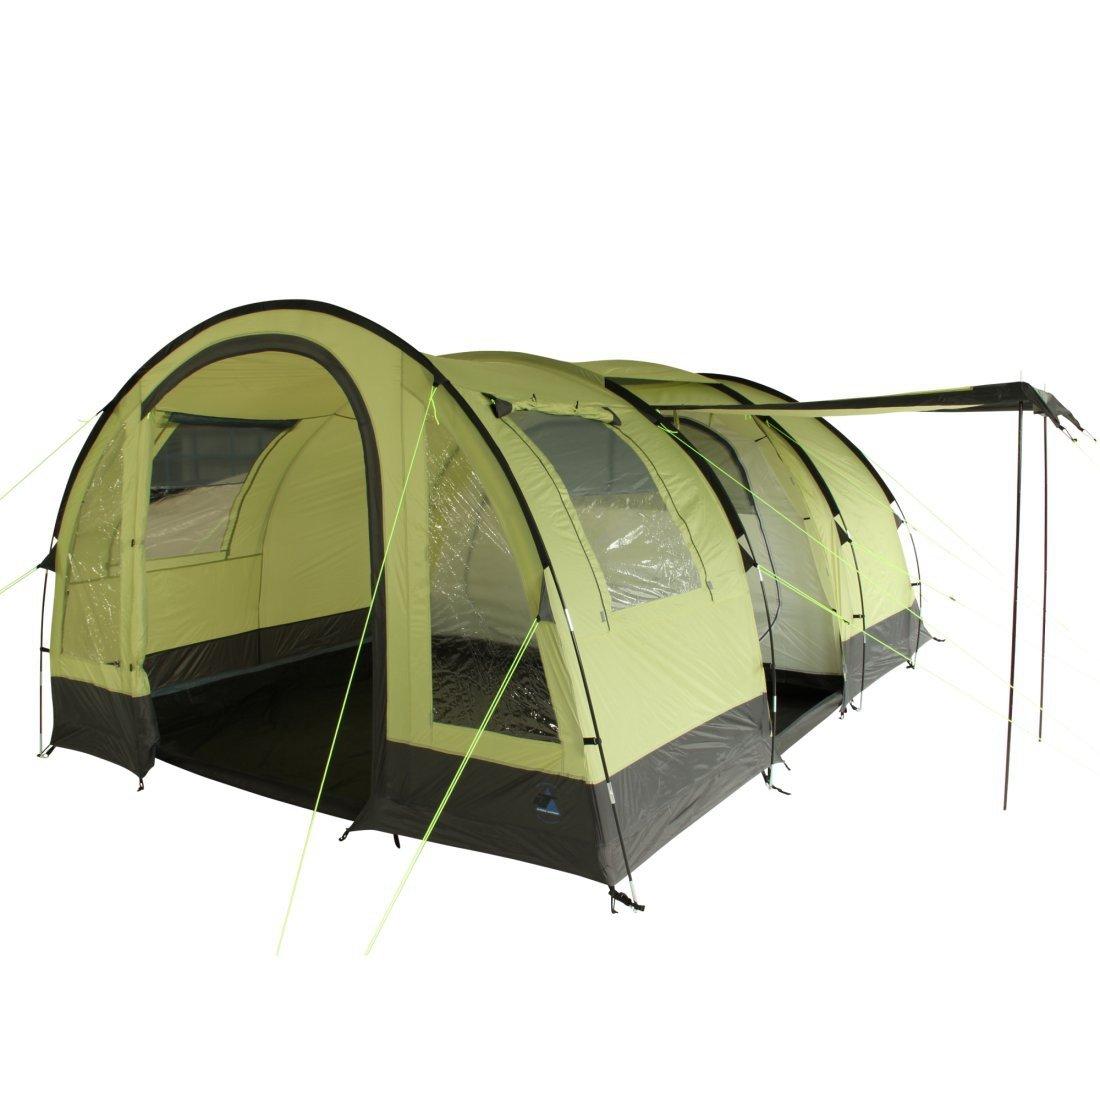 10T Camping-Zelt Devonport 5 Tunnelzelt mit Schlafkabine für 5 Personen Outdoor Familienzelt mit Wohnraum, Zelt Belüftung, eingenähte Bodenwanne, wasserdicht mit 5000mm Wassersäule